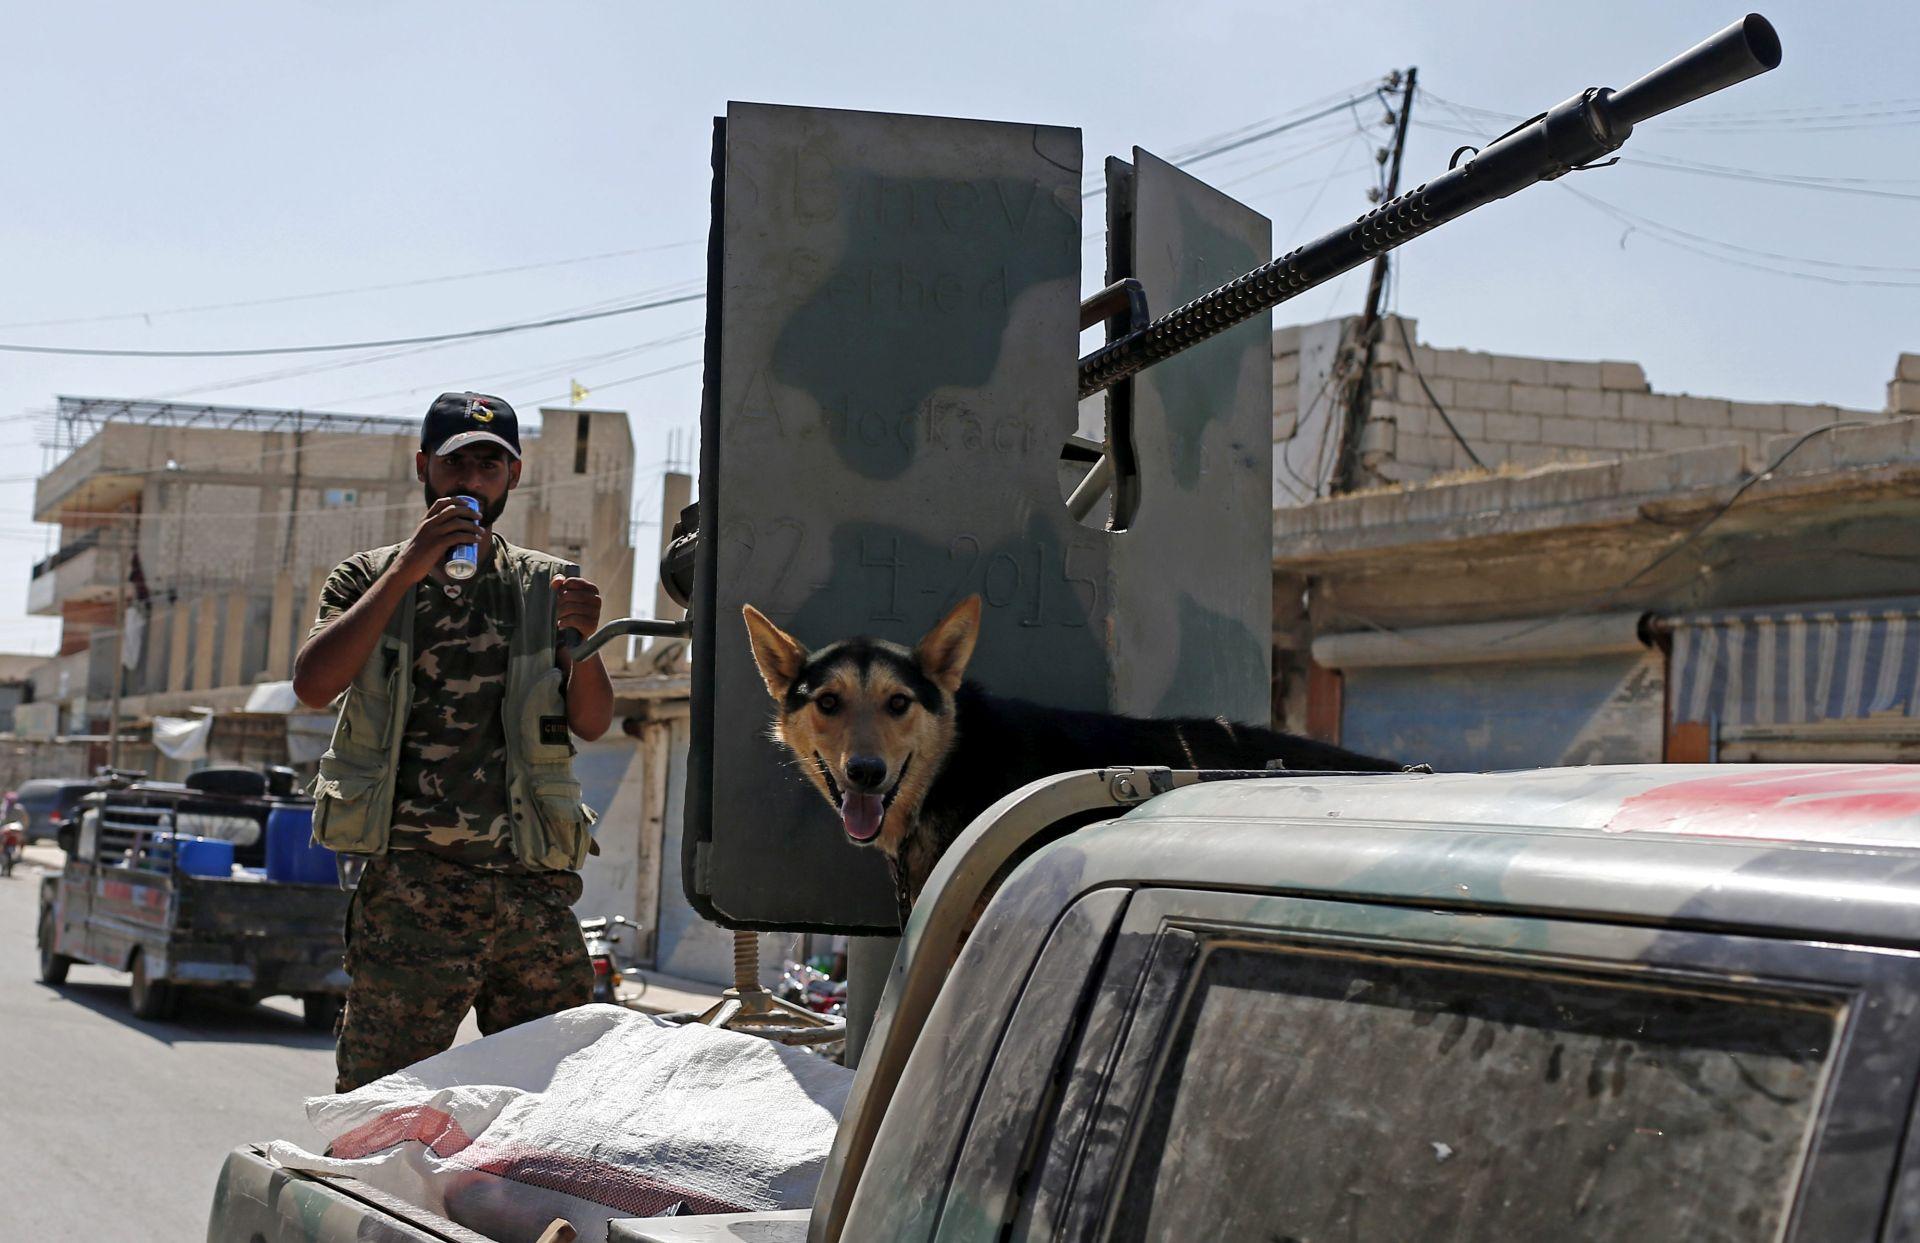 BORBA PROTV TERORIZMA: Rusija gradi vojnu bazu na teritoriju sirijskih Kurda